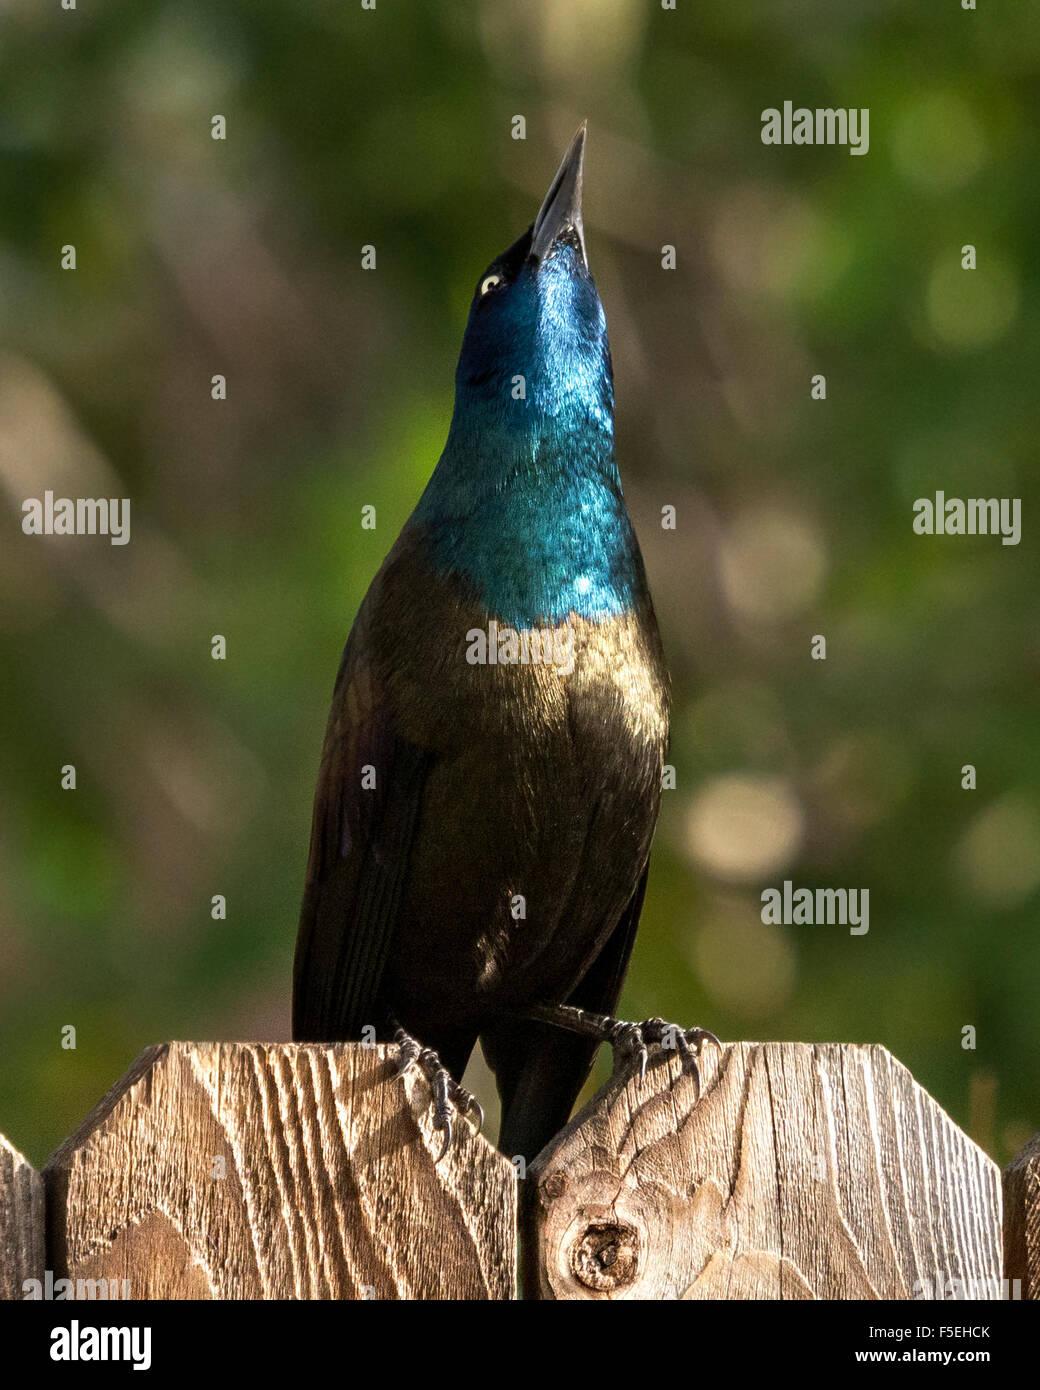 Grackle común pájaro posado en una valla mirando hacia arriba, Colorado, EE.UU. Imagen De Stock